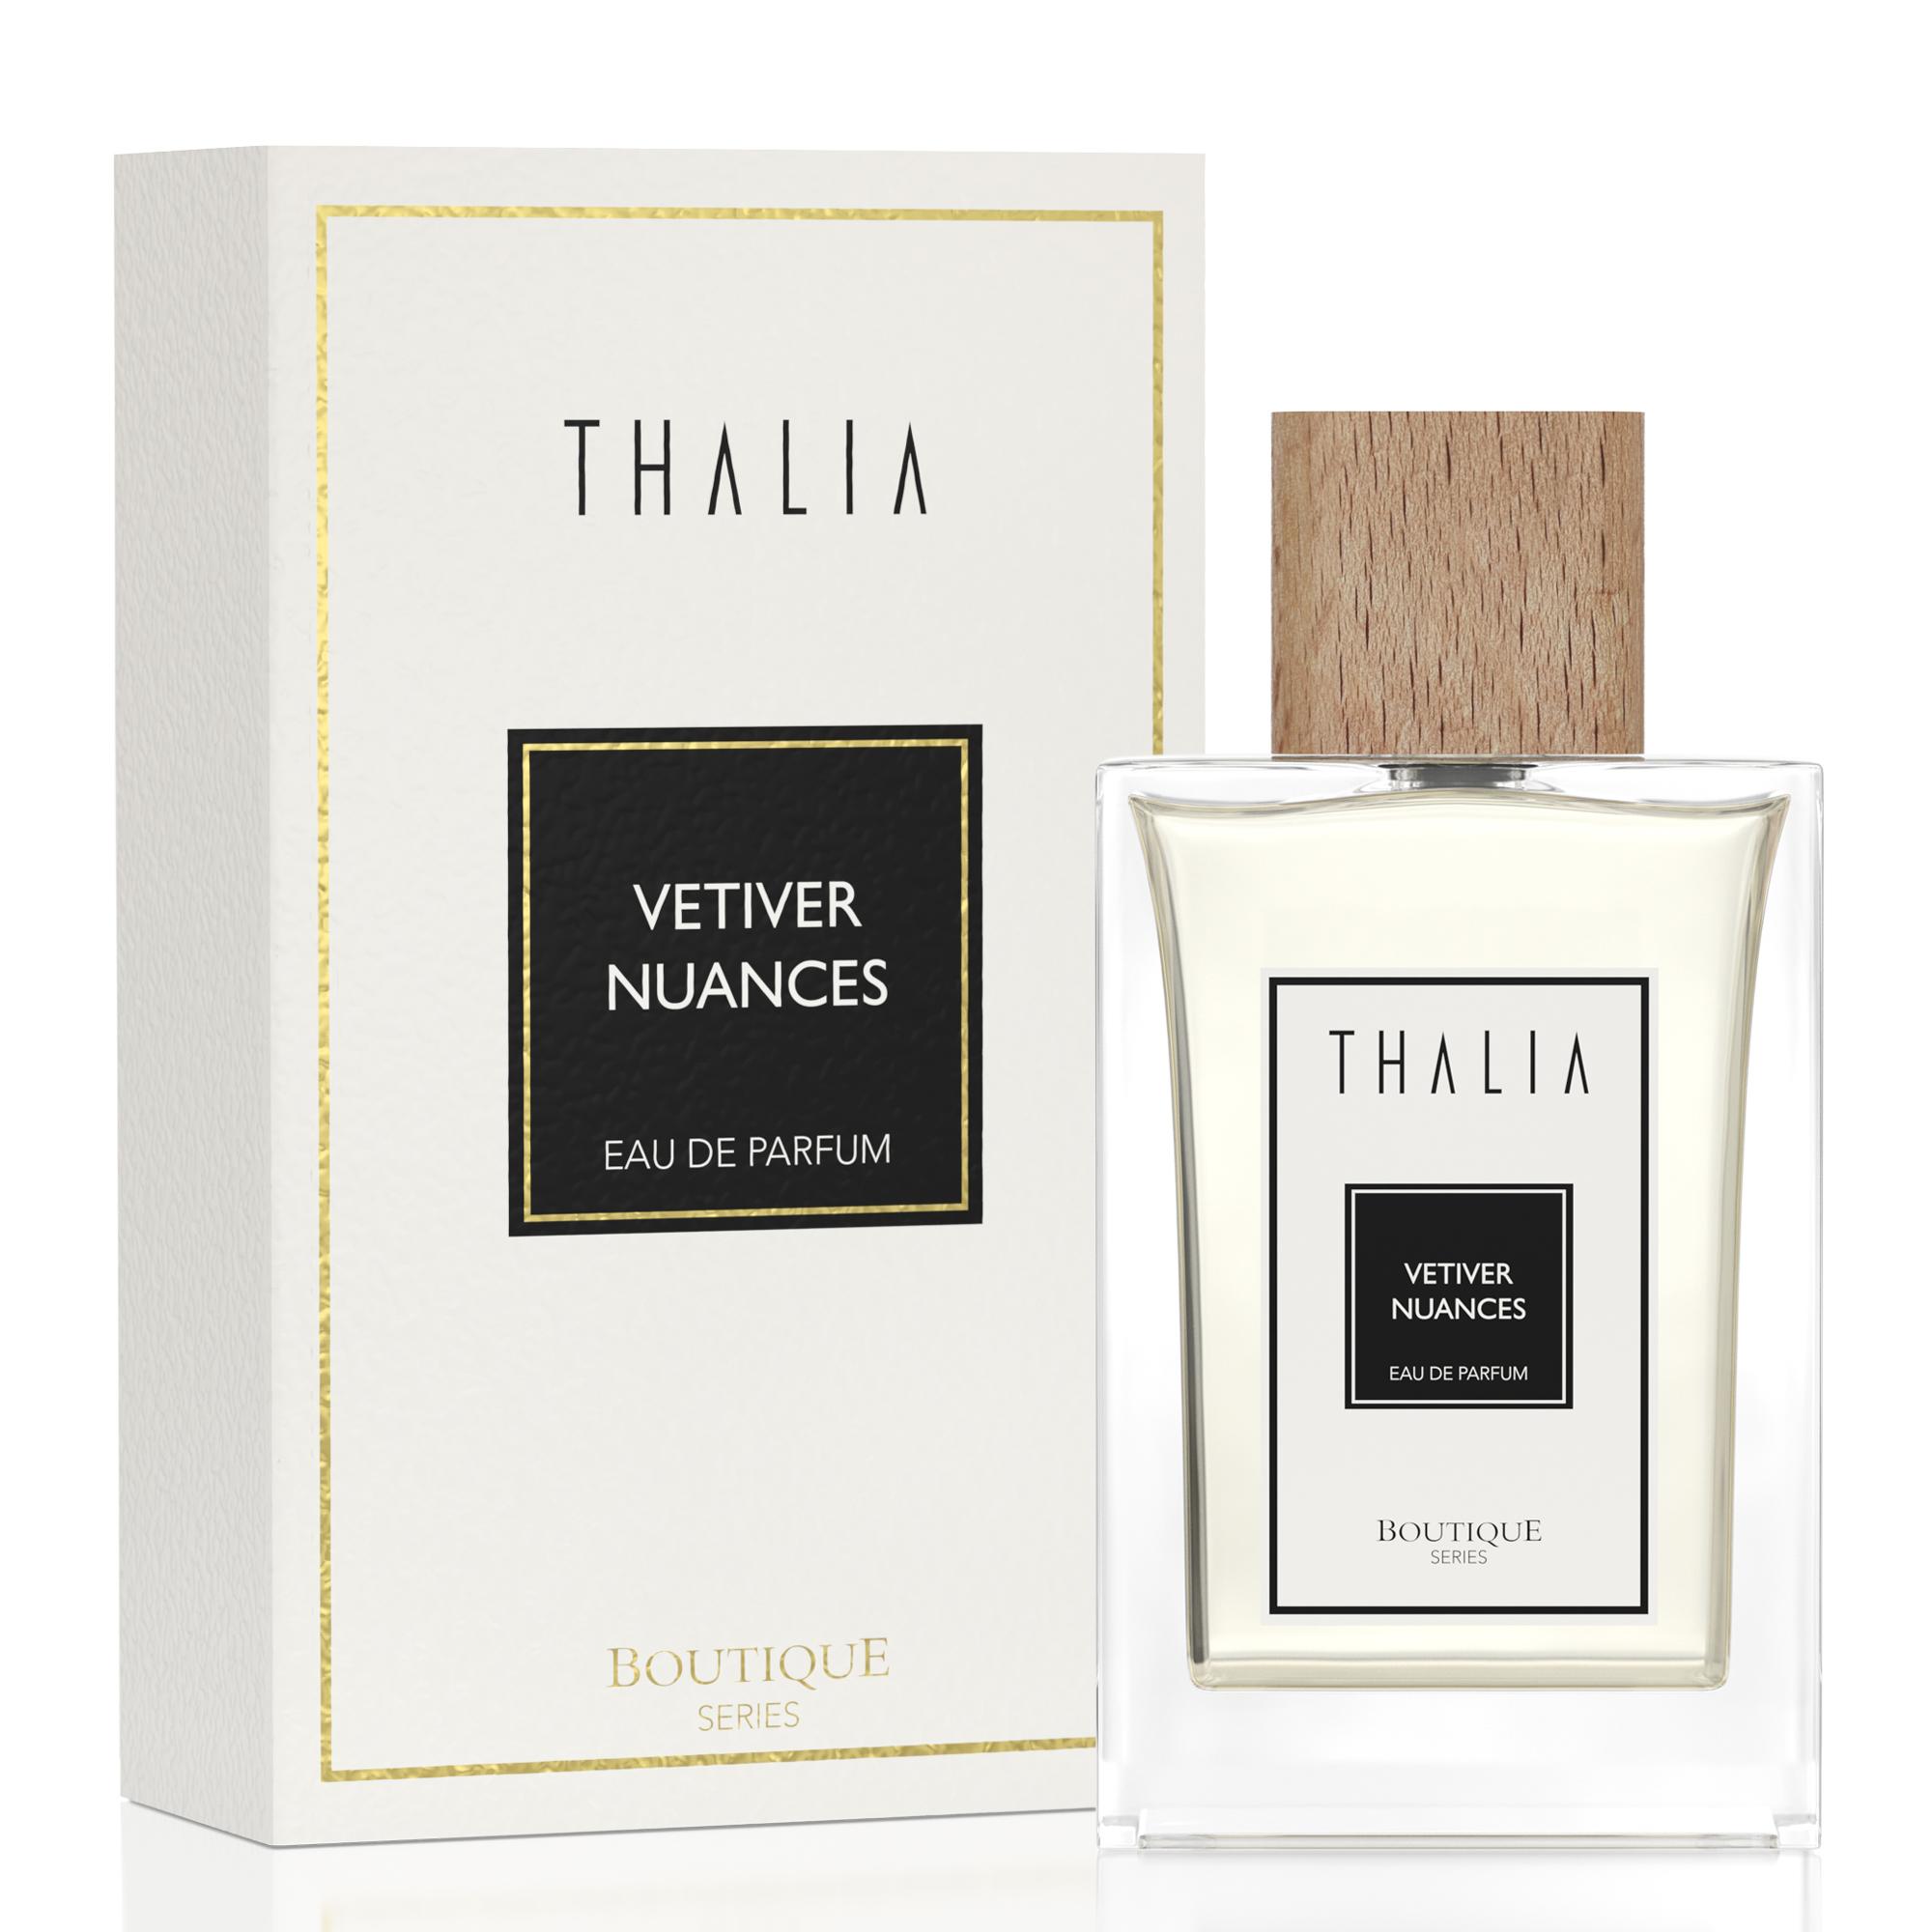 Thalia Boutique Vetiver Nuances Eau De Parfüm 75 Ml